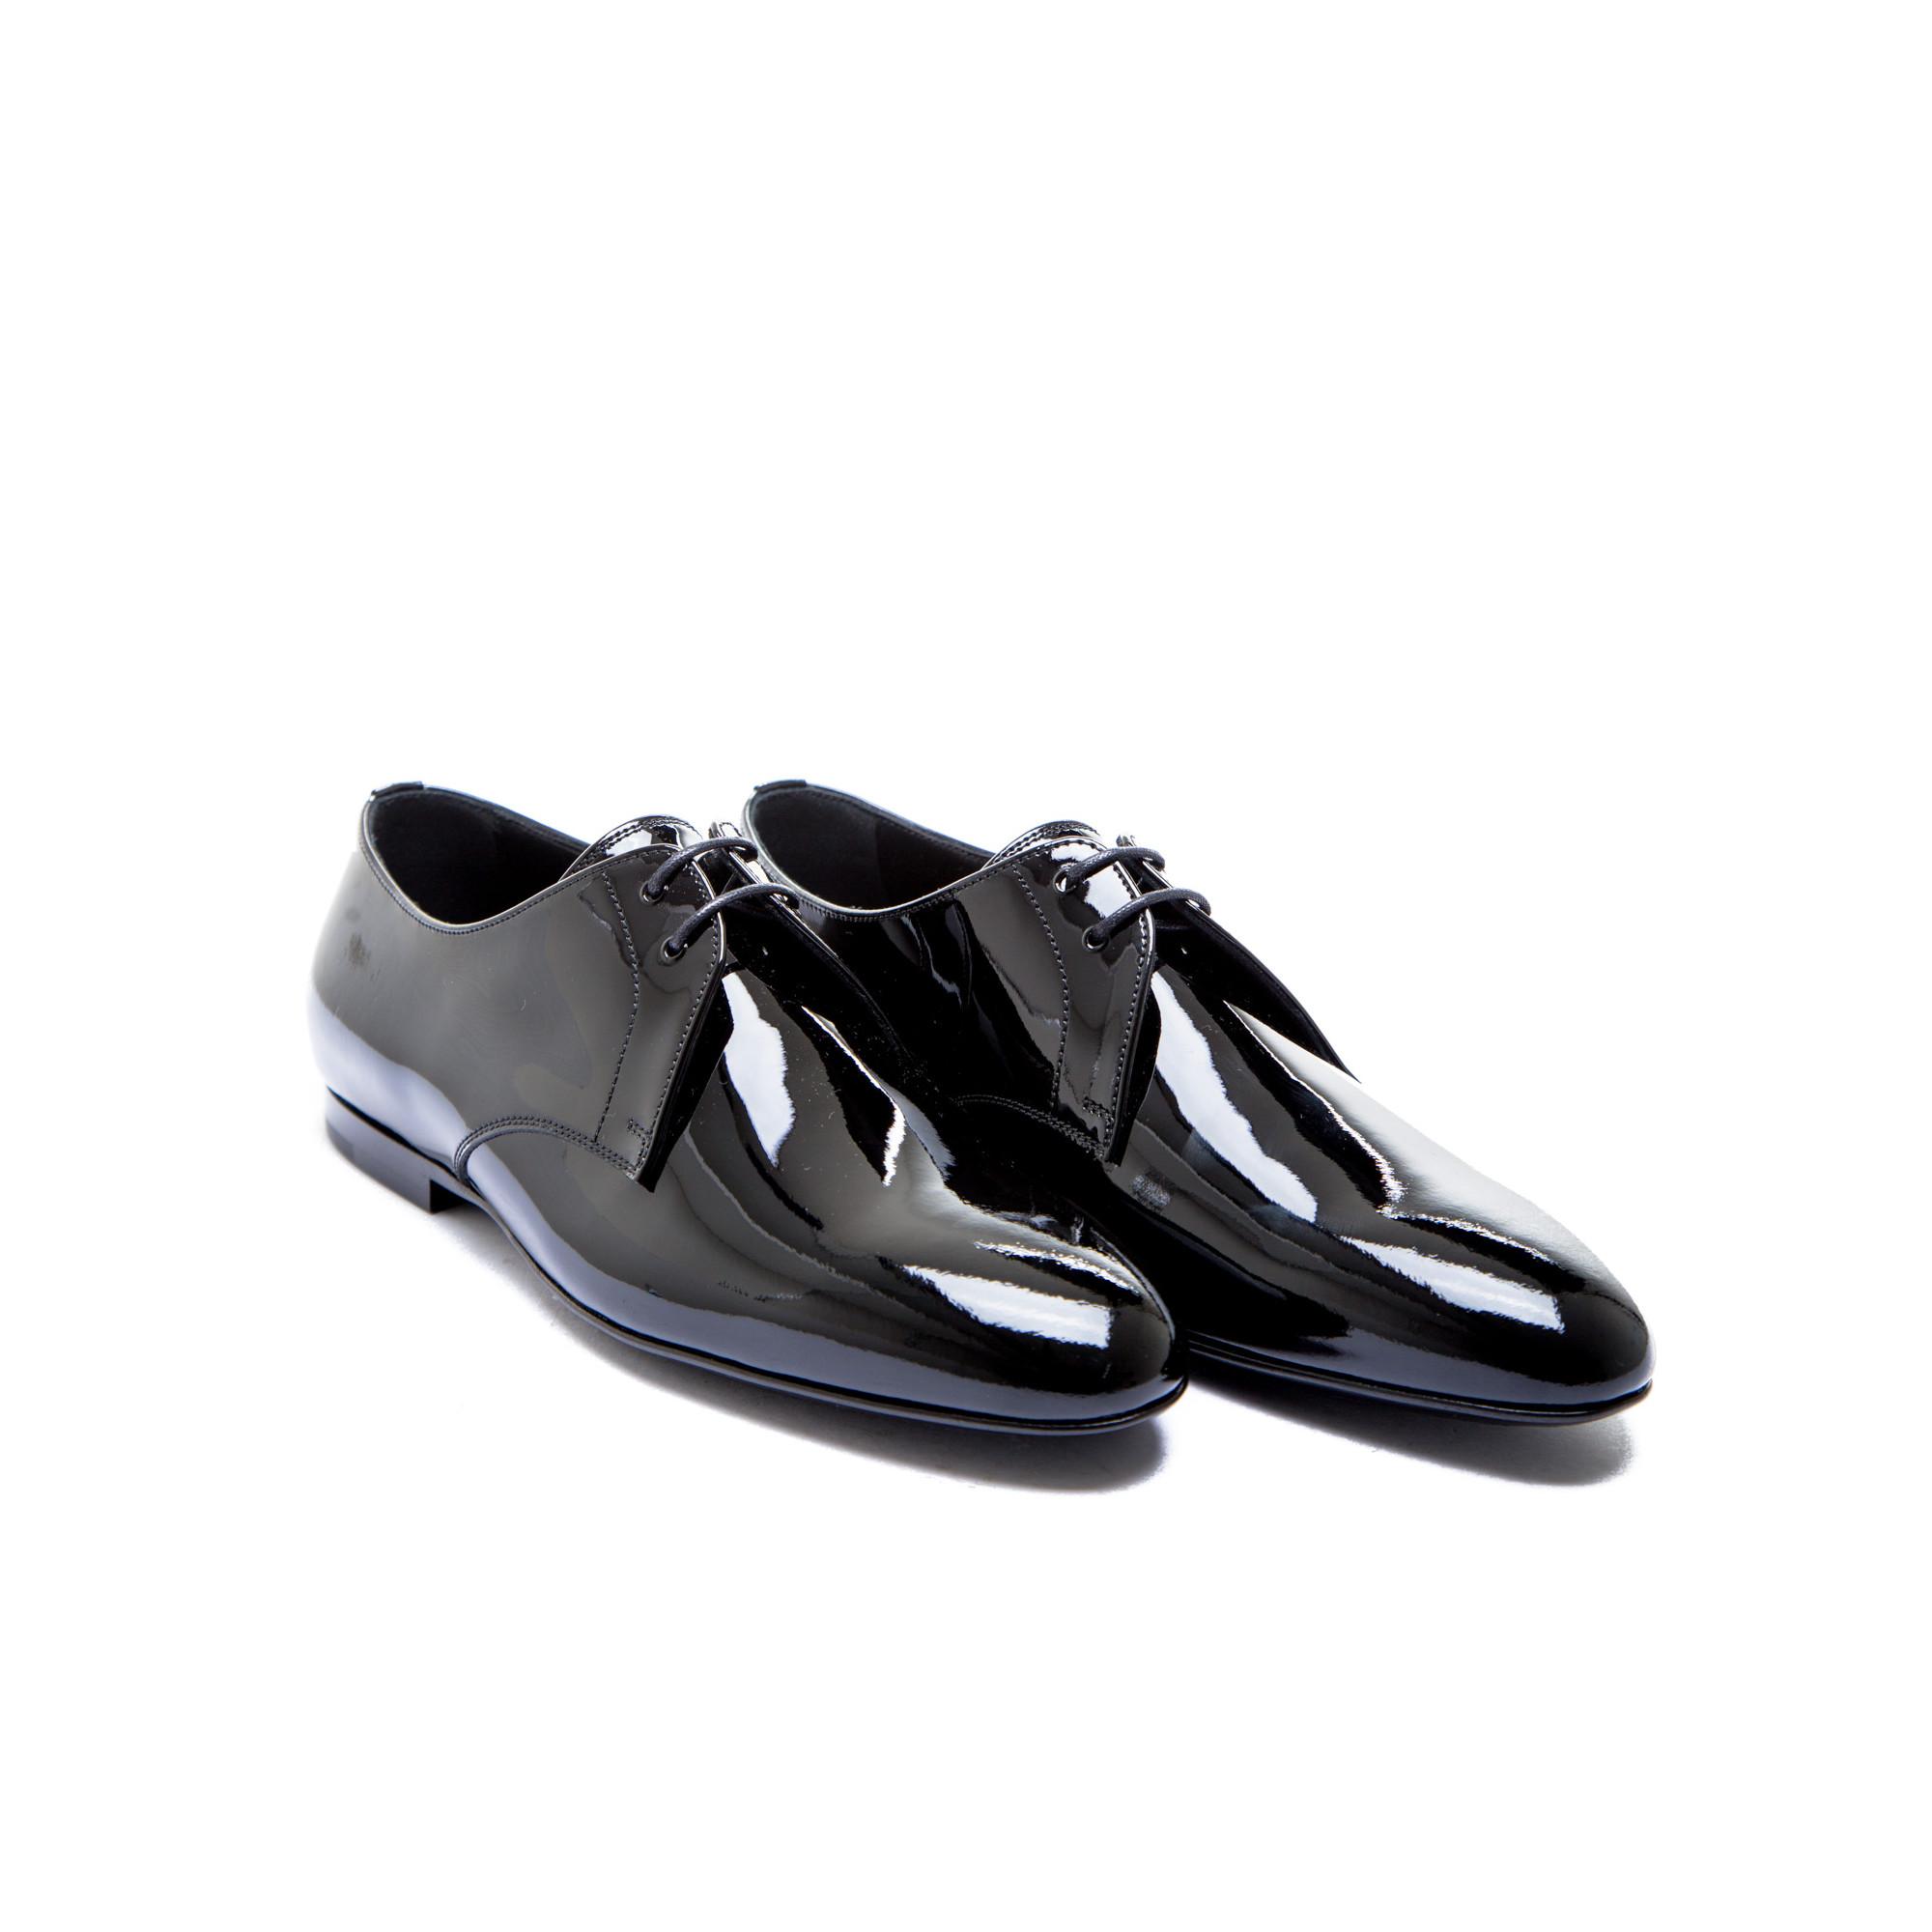 ... Saint Laurent shoes flat heel black Saint Laurent shoes flat heel black  - www.derodeloper ... b73c0b828aa98